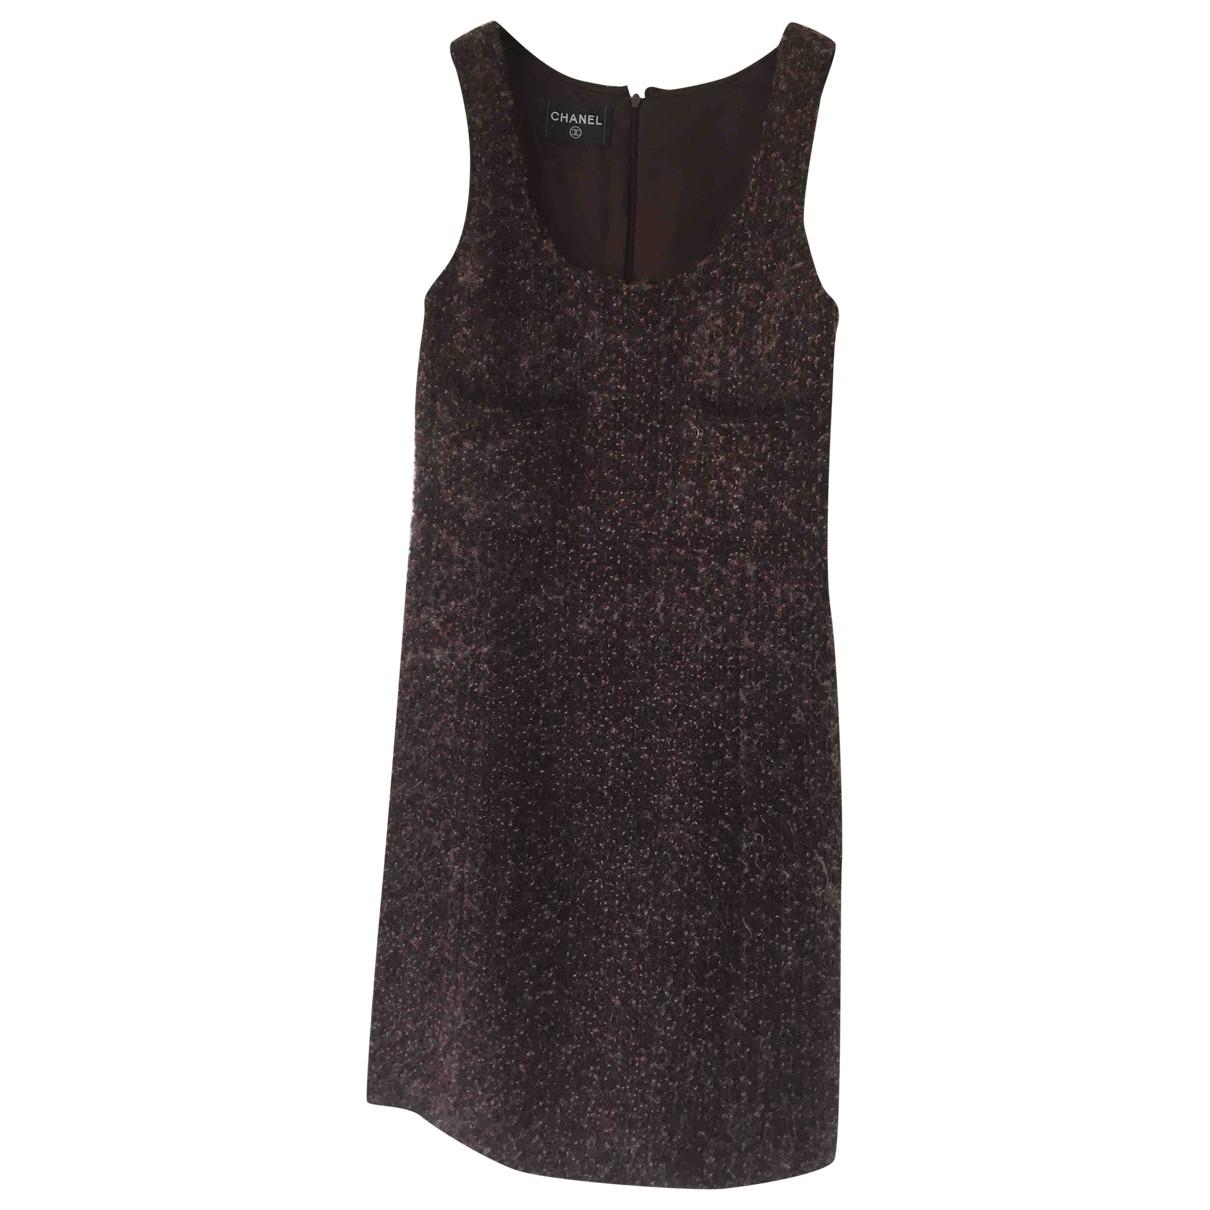 Chanel \N Kleid in  Bordeauxrot Wolle